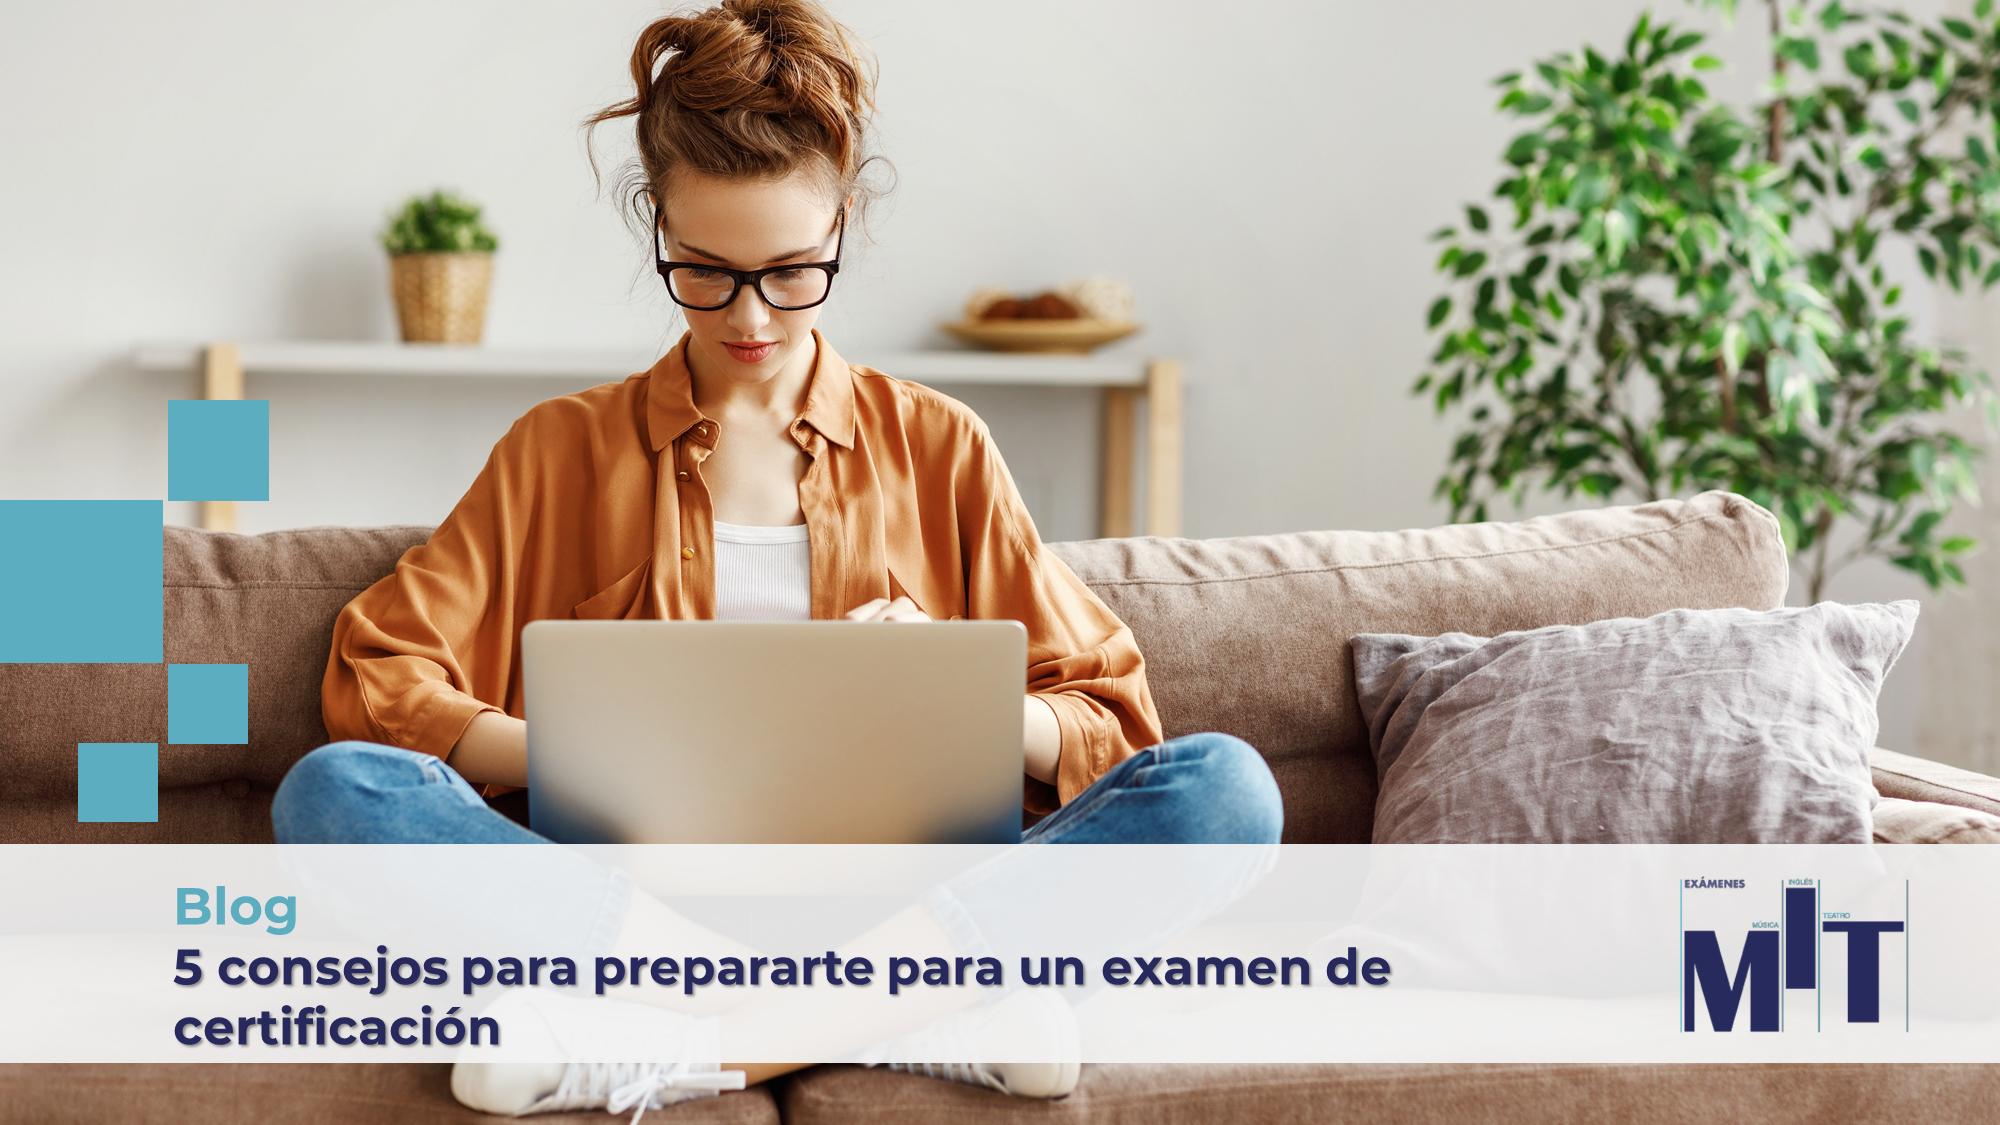 Recomendaciones para prepararte para un examen de certificación